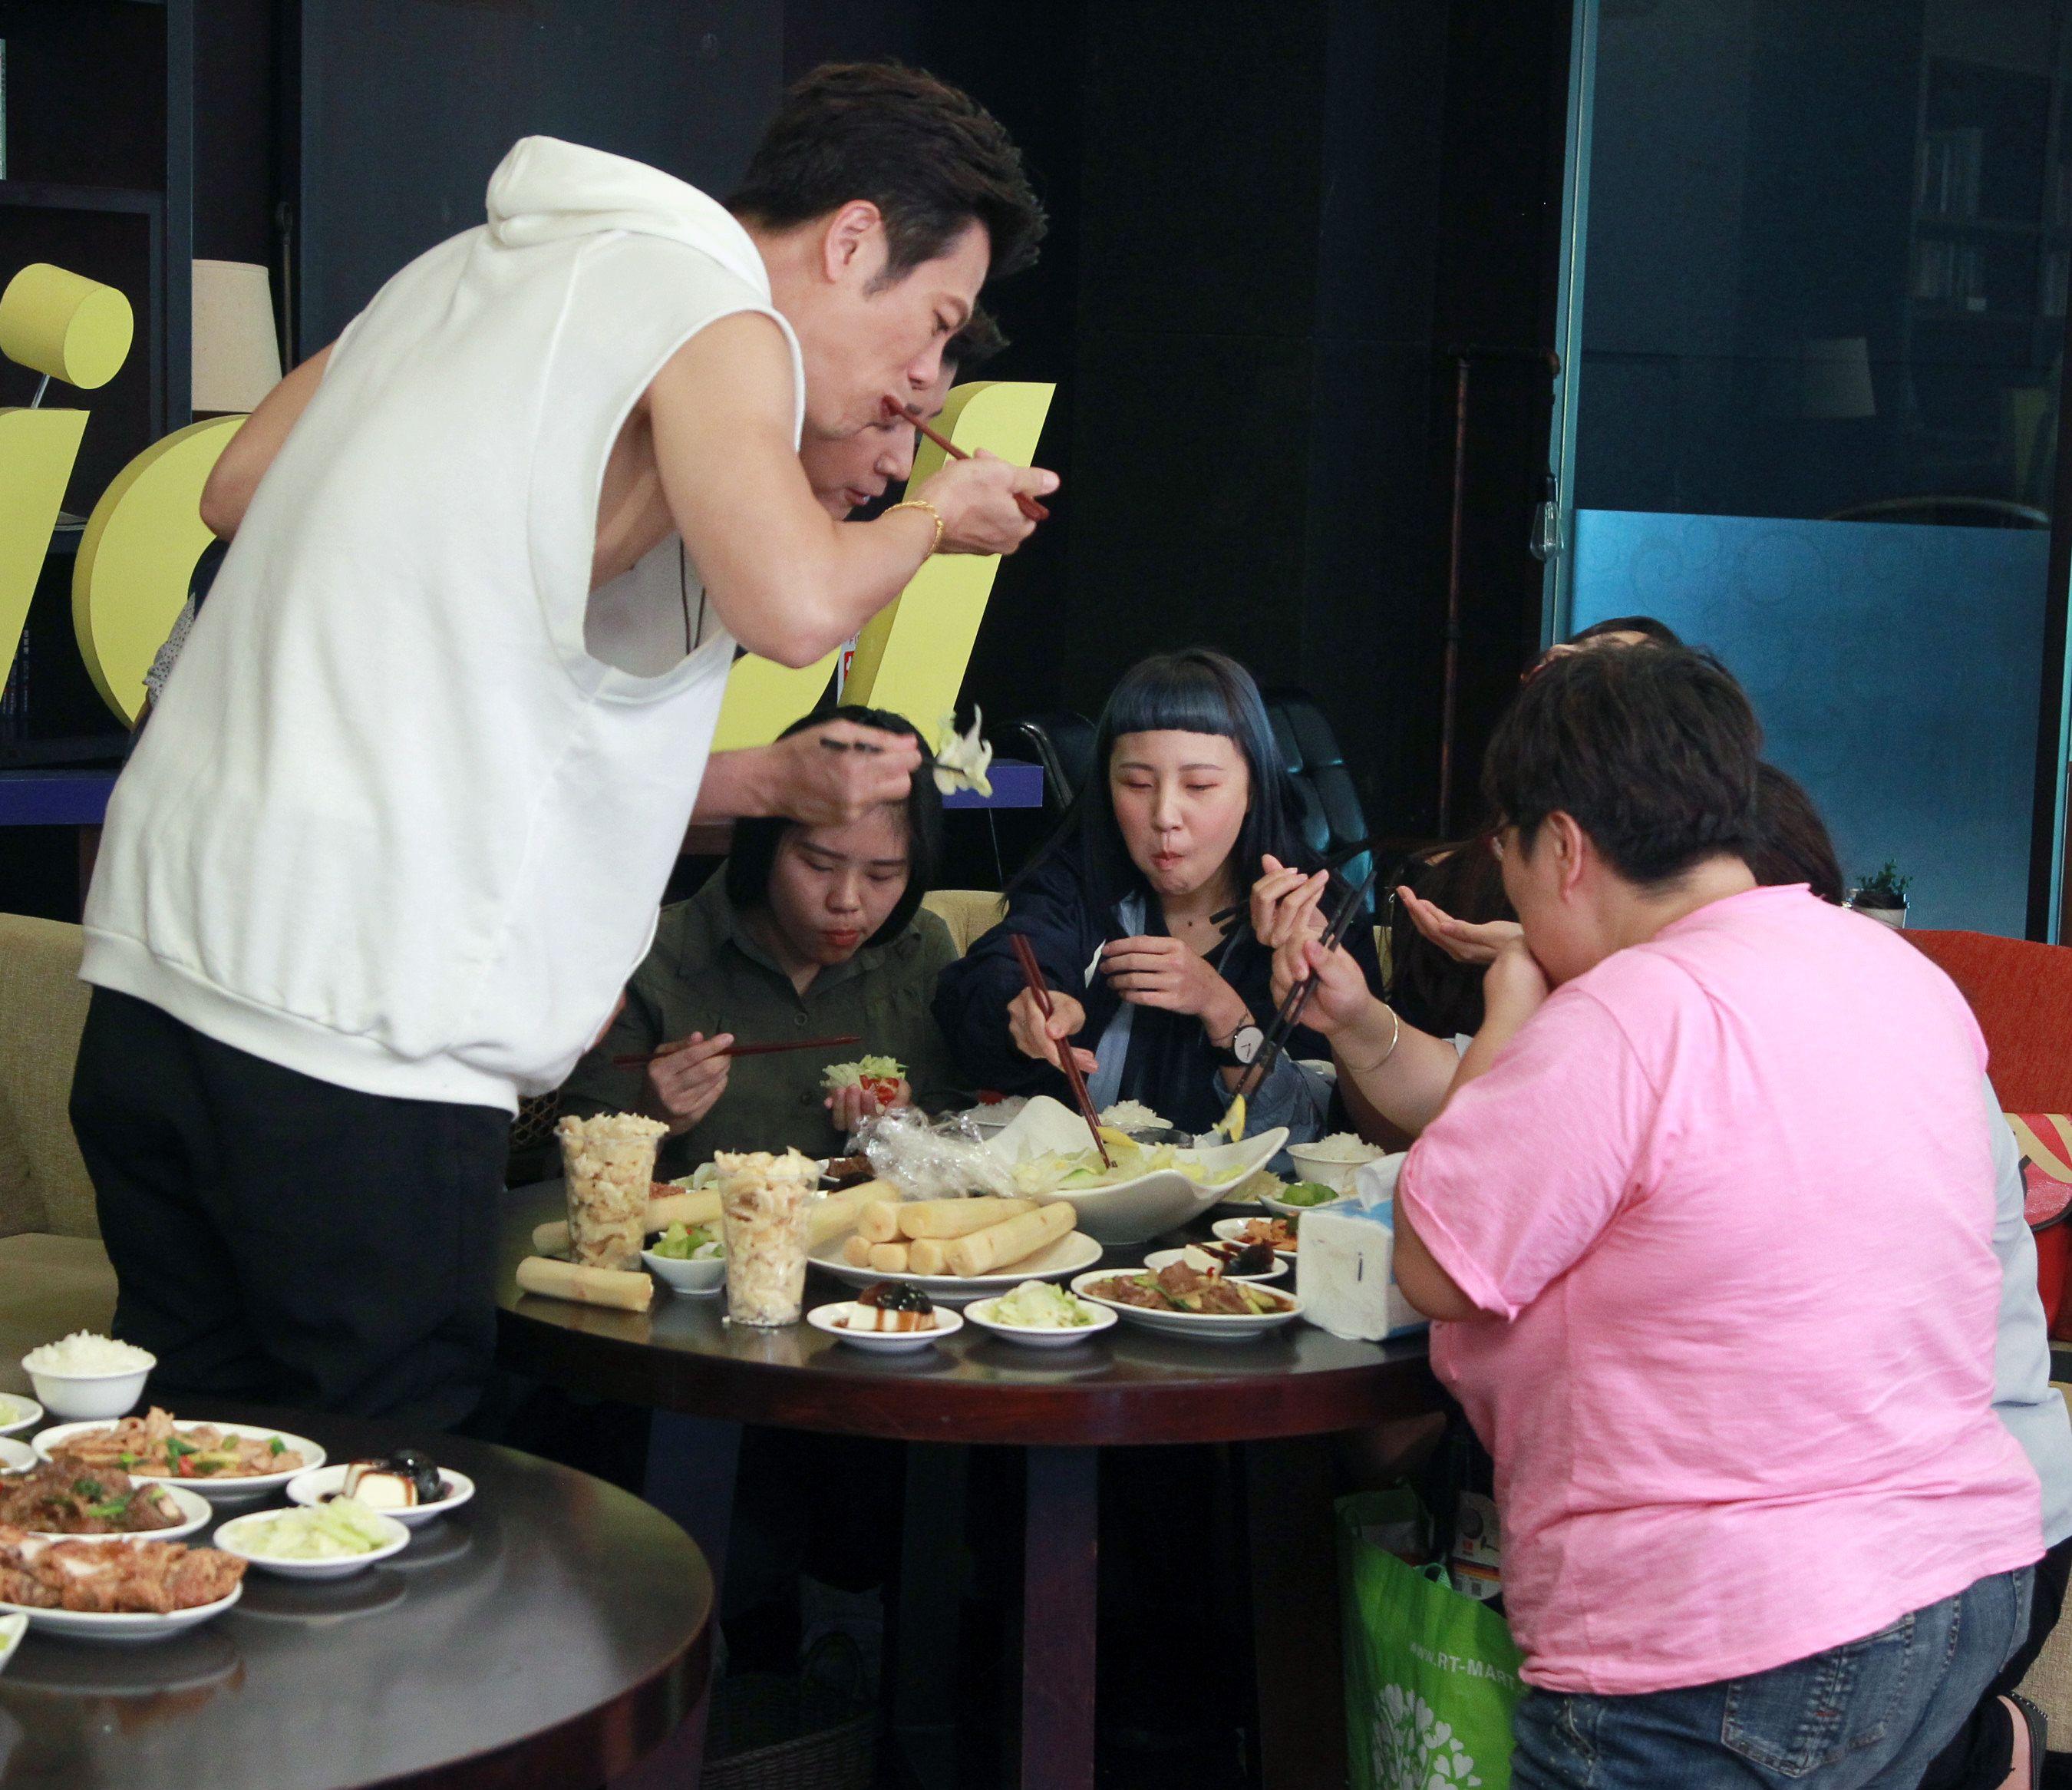 三立八點檔「炮仔聲」演員:陳志強、陳宇風、王宇婕、吳婉君與粉絲見面互動。(記者邱榮吉/攝影)